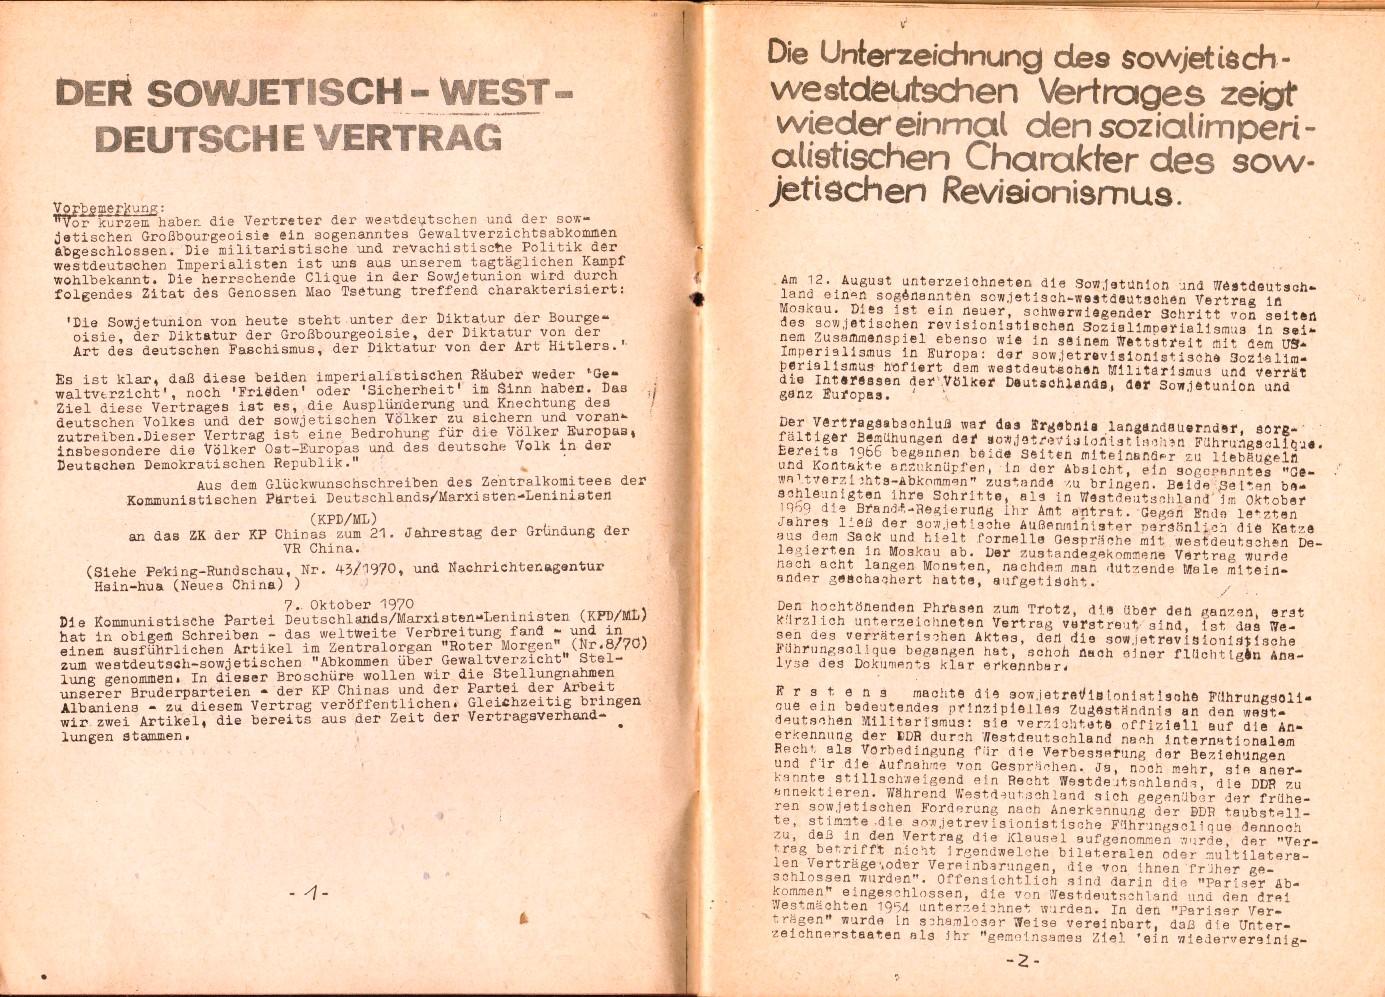 KPDML_1970_Der_sowjetisch_westdeutsche_Vertrag_04